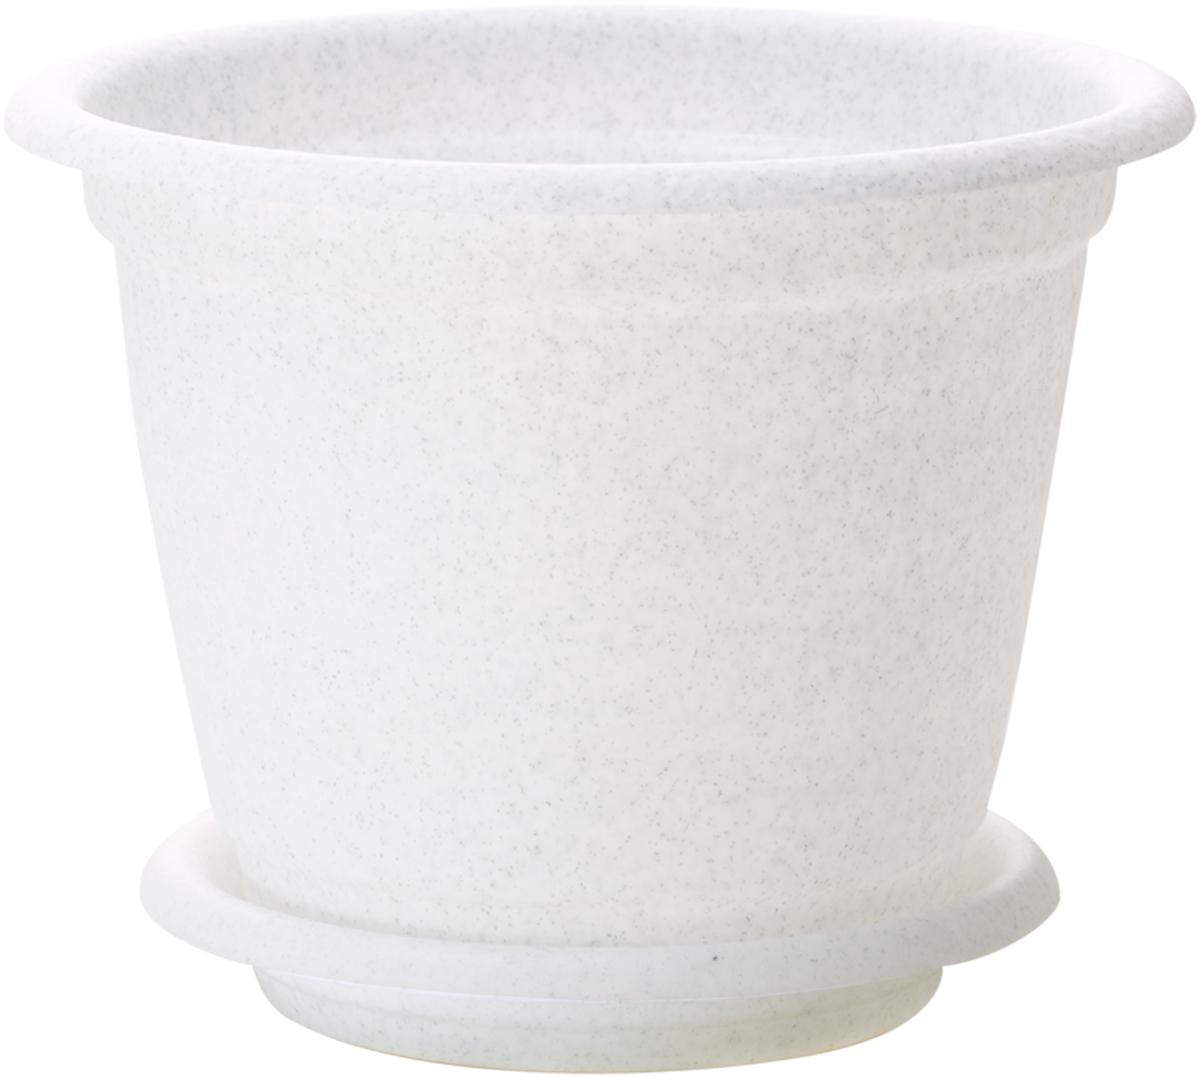 Горшок для цветов InGreen Натура, с поддоном, цвет: мраморный, диаметр 14 смING43014FМРЦветочный горшок с поддоном InGreen Натура, выполненный из высококачественного пластика, сочетает в себе классический дизайн и функциональность. Он станет прекрасным дополнением любого интерьера. Горшок имеет дренажные отверстия, что способствует выведению лишней влаги из почвы и предотвращает гниение корневой системы растения. Благодаря специальной крепежной системе поддон прочно крепится к горшку, что обеспечивает удобство эксплуатации изделия. Между стенкой горшка и поддоном есть зазор, который позволяет испаряться лишней влаге и дает возможность прикорневого полива растения. Горшок InGreen Натура предназначен для выращивания многолетних и однолетних растений.